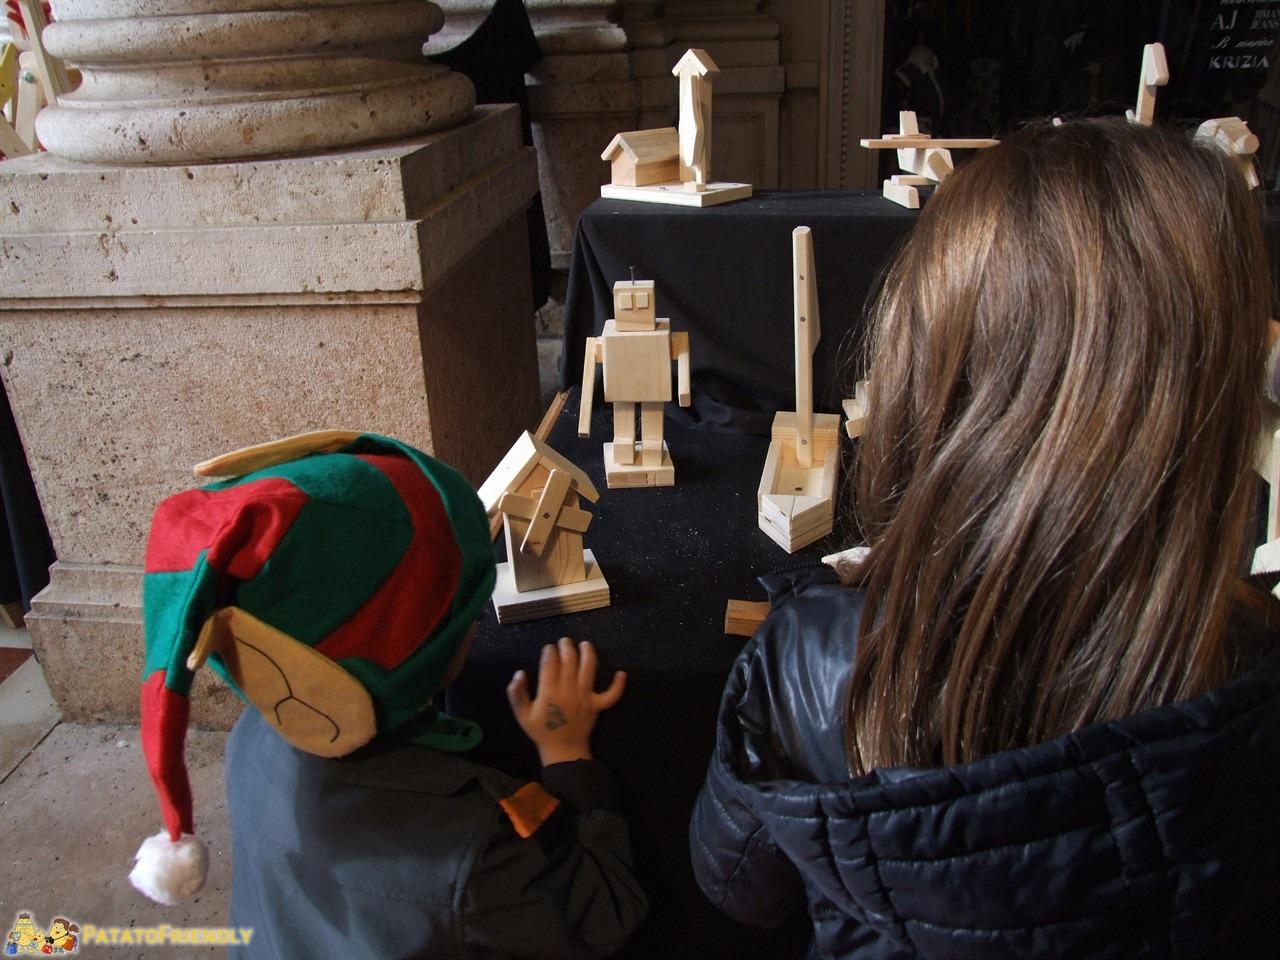 Casa di Babbo Natale di Montecatini - Alle prese con i modellini di legno da costruire